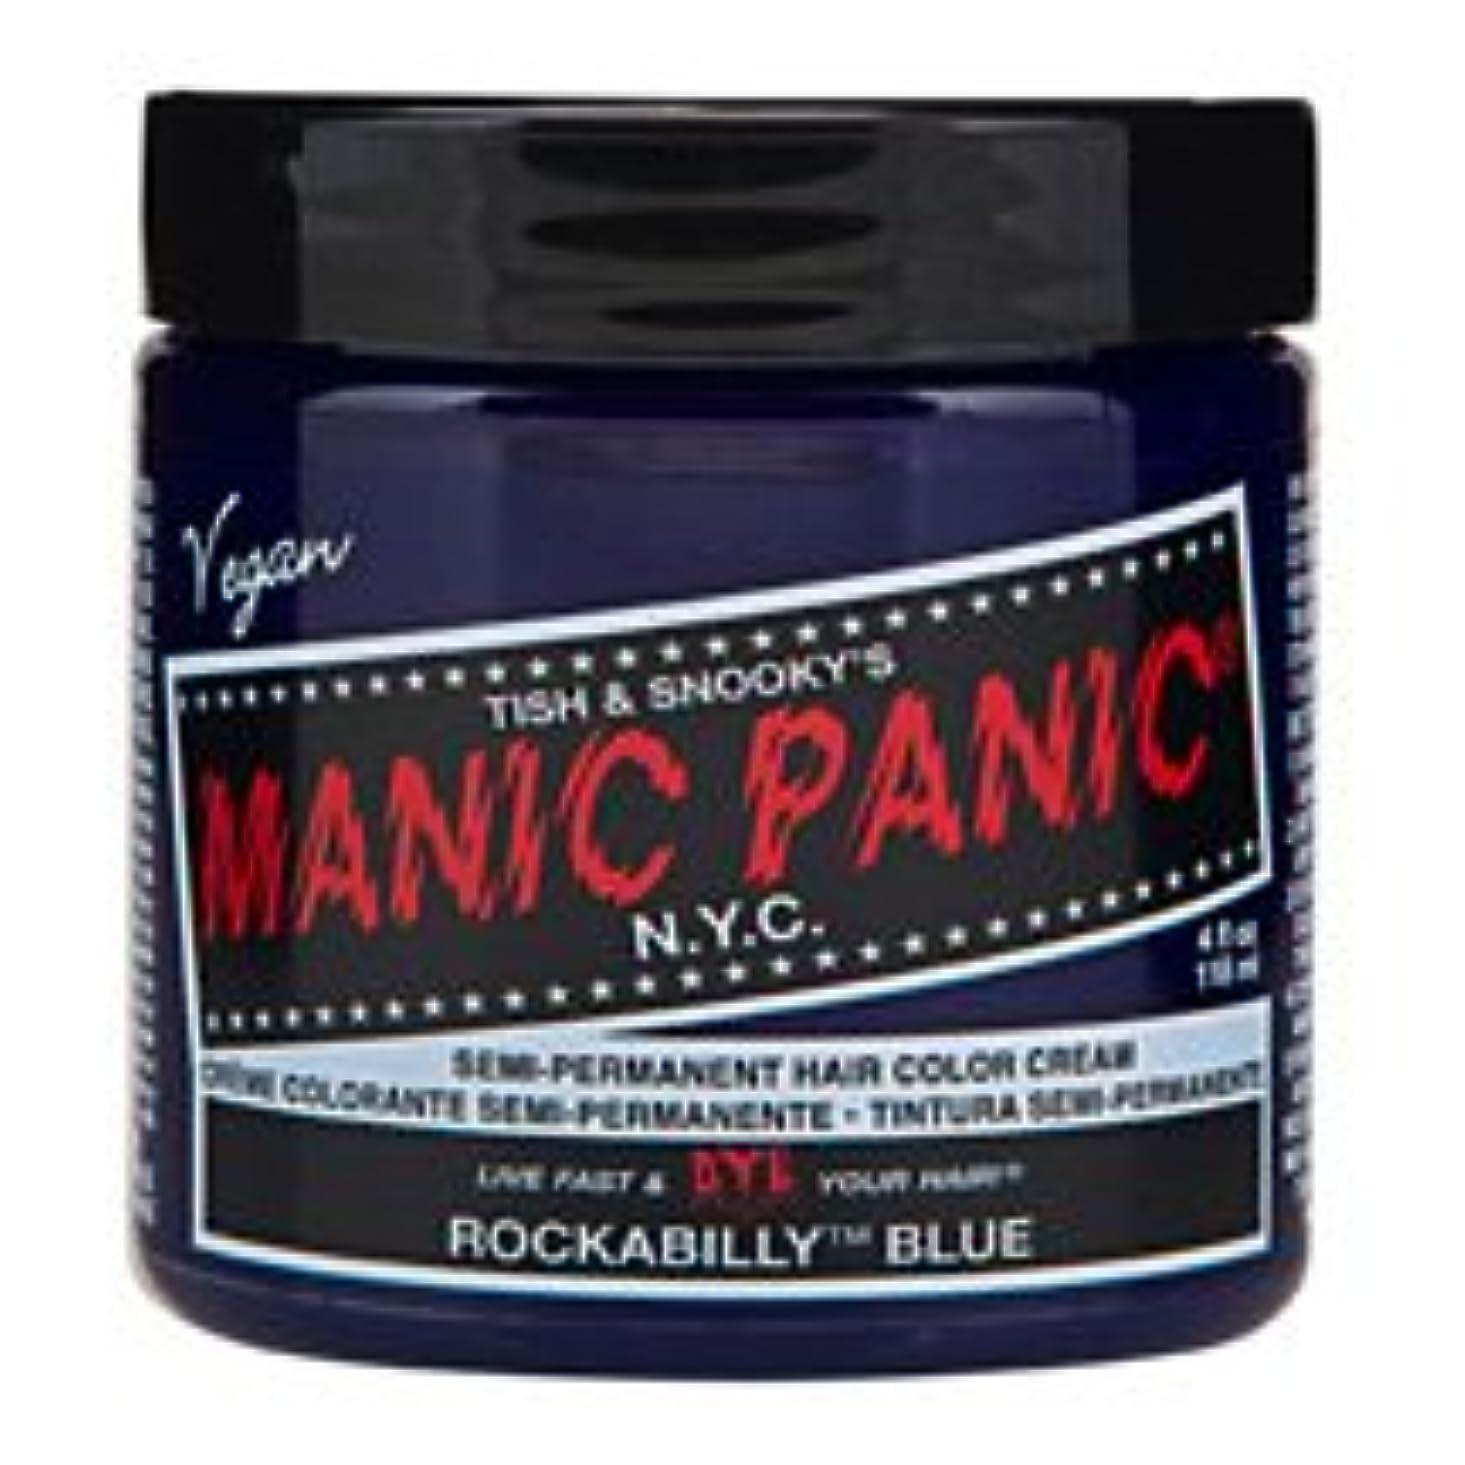 うん指標準スペシャルセットMANIC PANICマニックパニック:Rockabilly Blue (ロカビリーブルー)+ヘアカラーケア4点セット